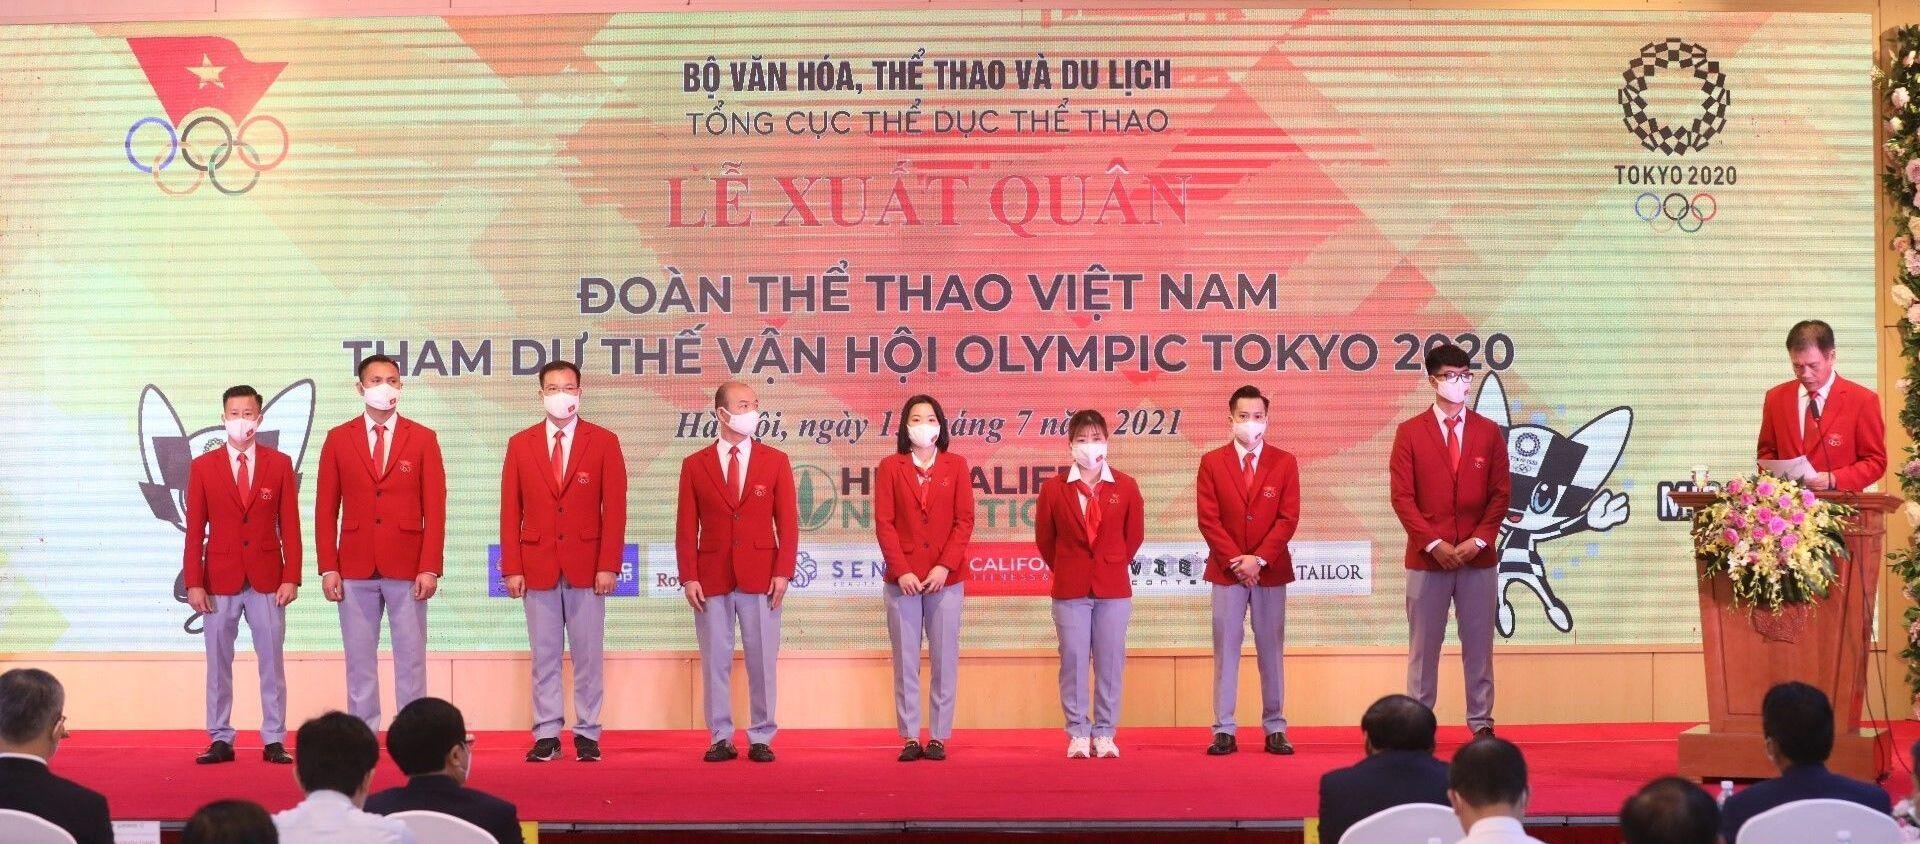 Lễ xuất quân Đoàn Thể thao Việt Nam dự Olympic Tokyo 2020 - Sputnik Việt Nam, 1920, 19.07.2021